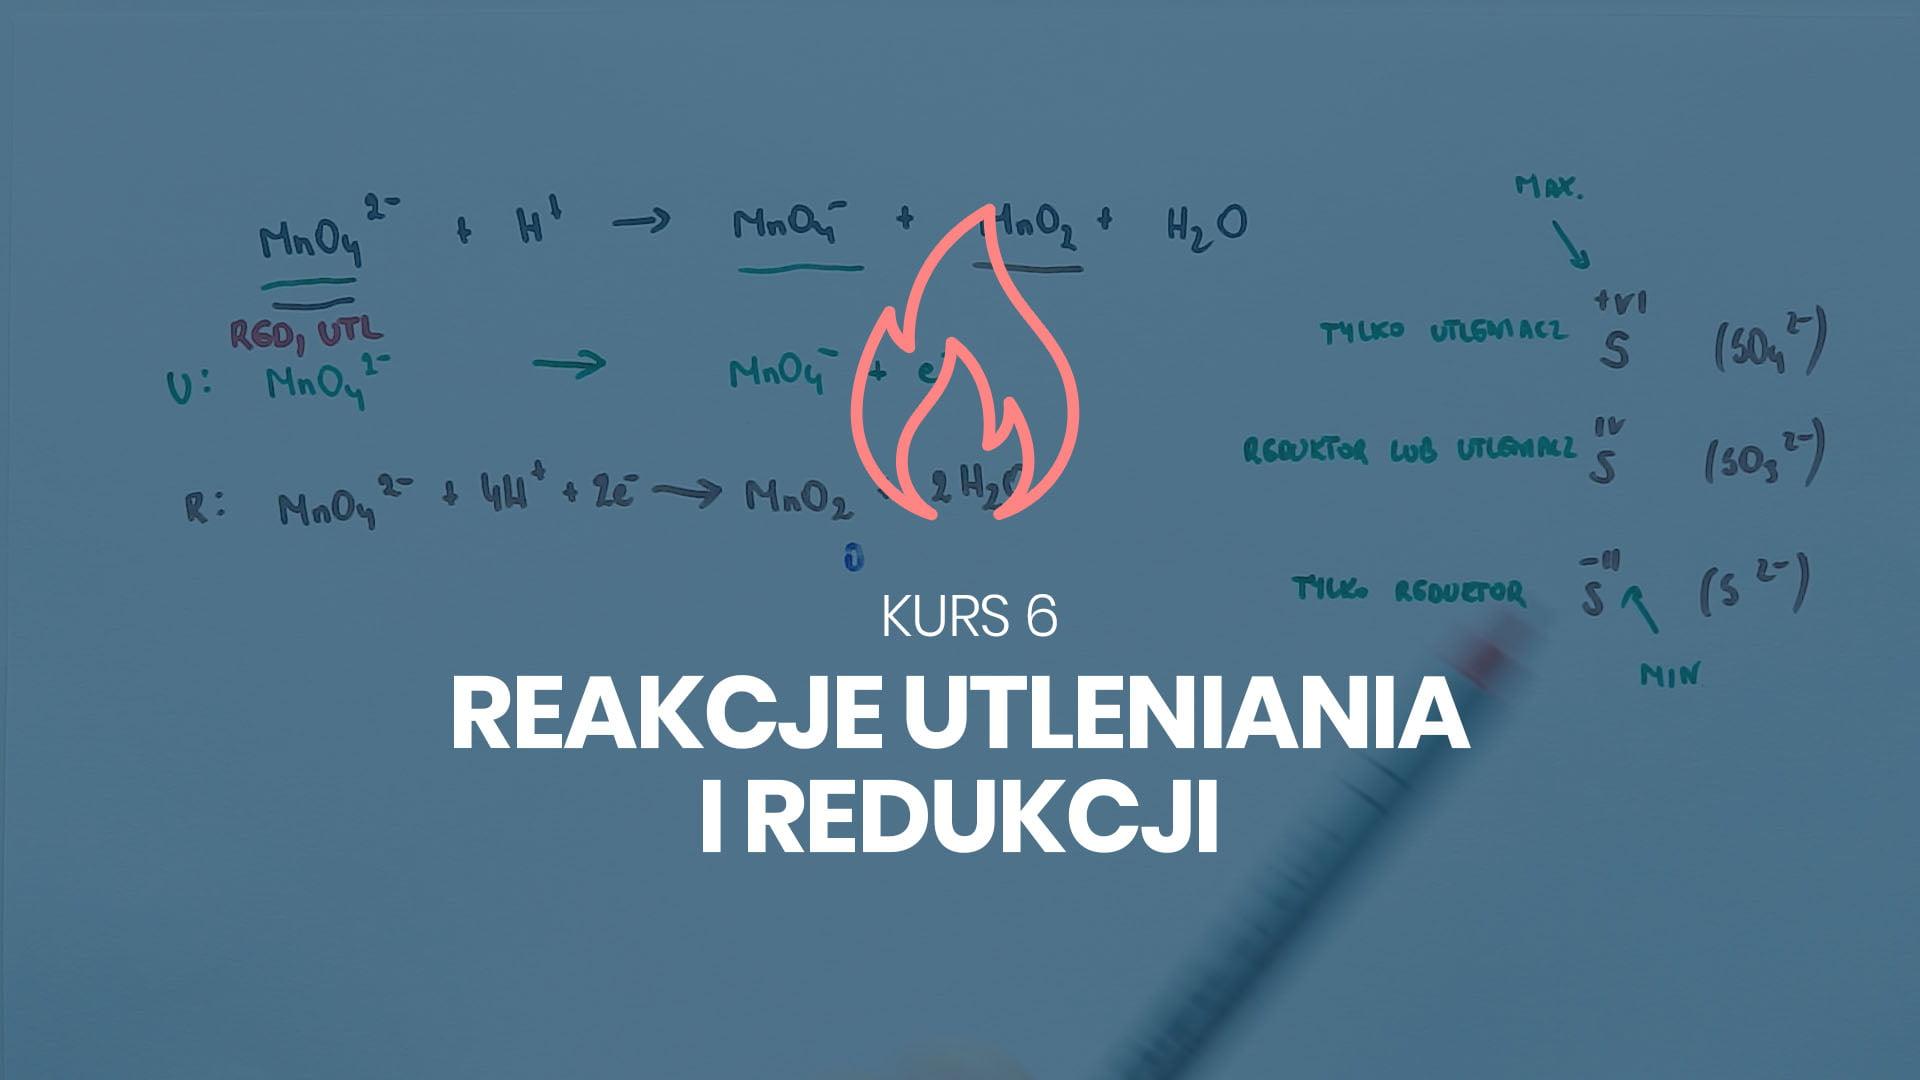 kurs 6 reakcje utleniania i redukcji chemia na 100%